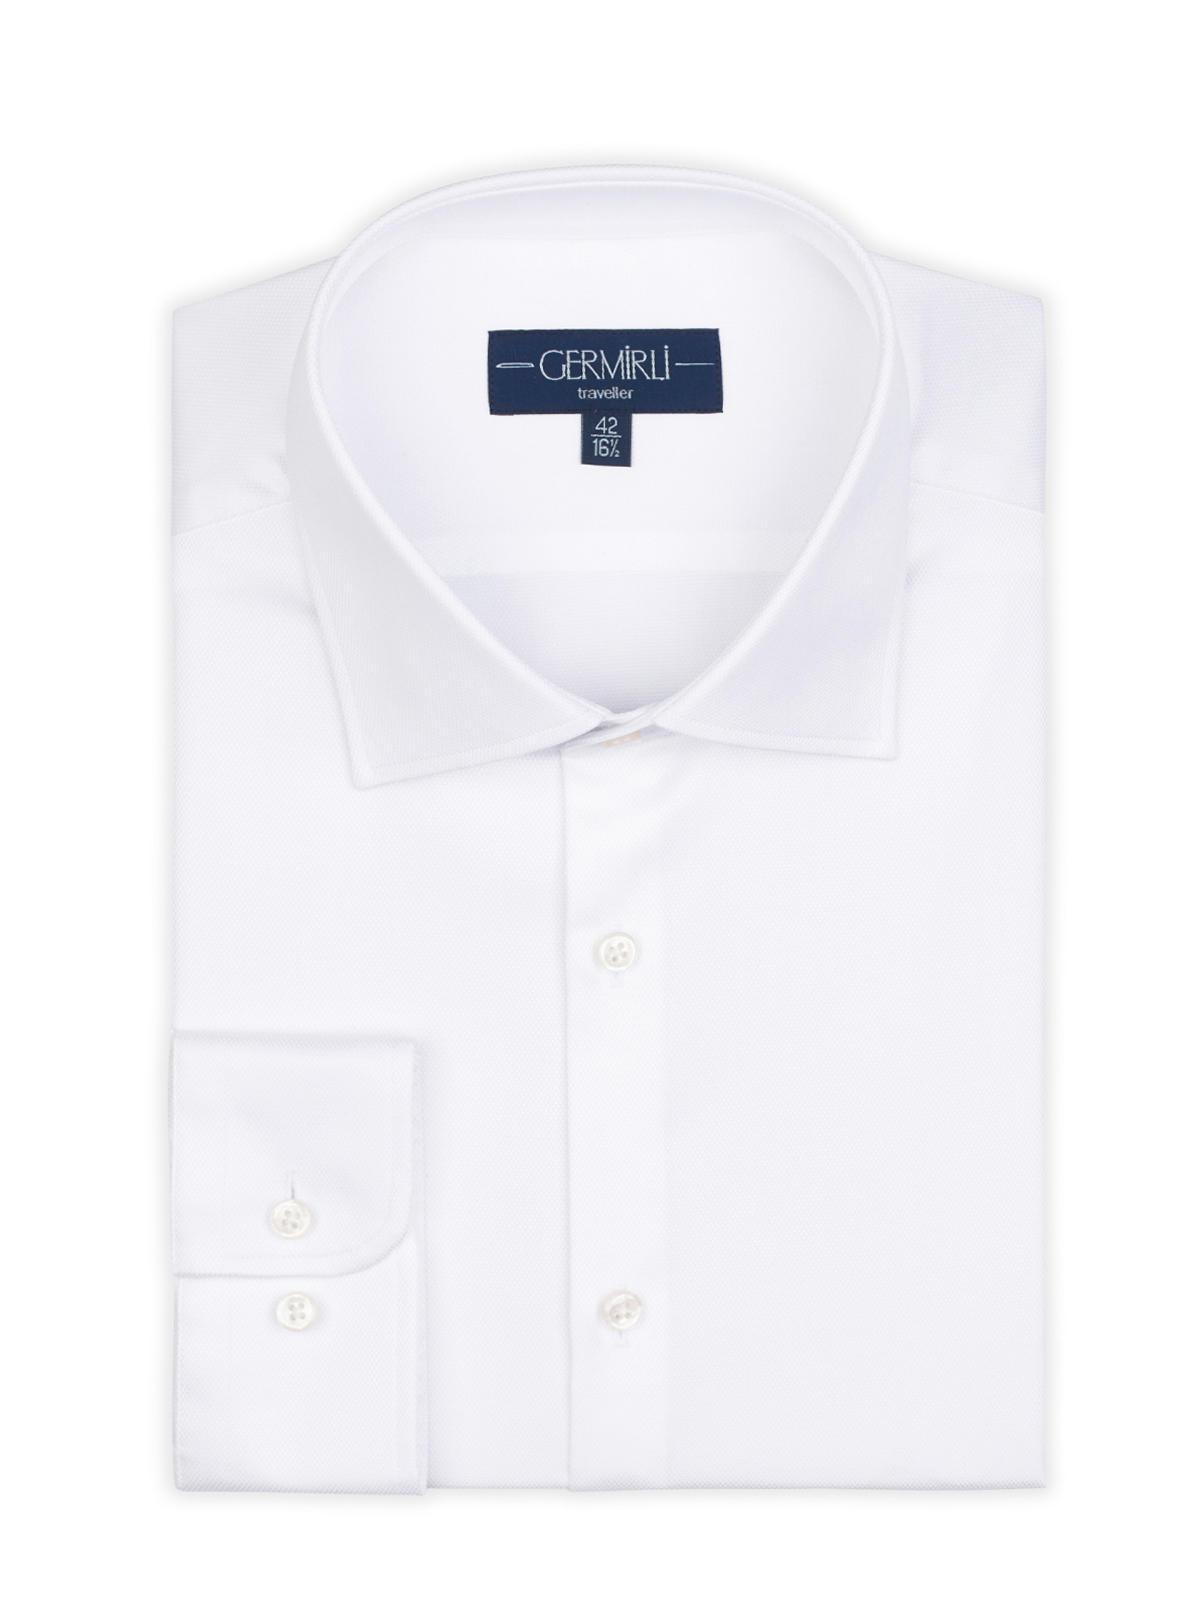 Germirli Non Iron Oxford Beyaz Klasik Yaka Tailor Fit Journey Gömlek